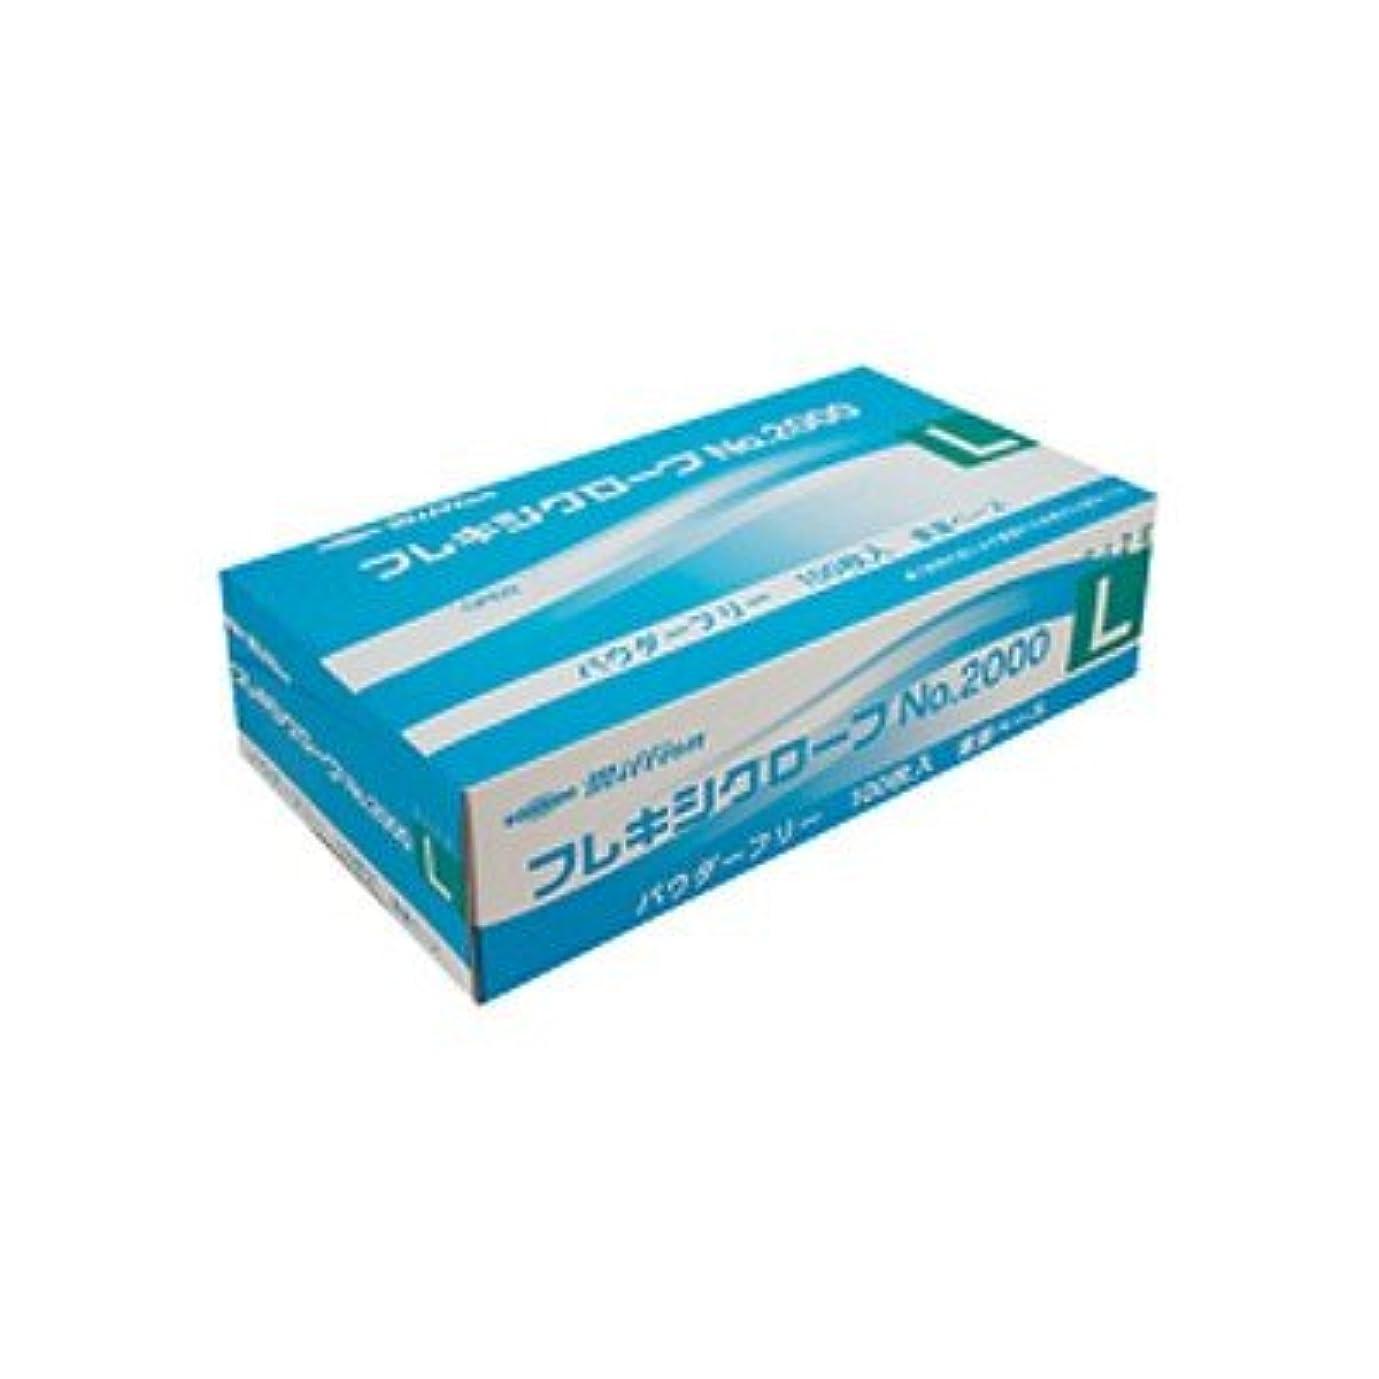 年金農業のインスタンスミリオン プラスチック手袋 粉無No.2000 L 品番:LH-2000-L 注文番号:62741620 メーカー:共和